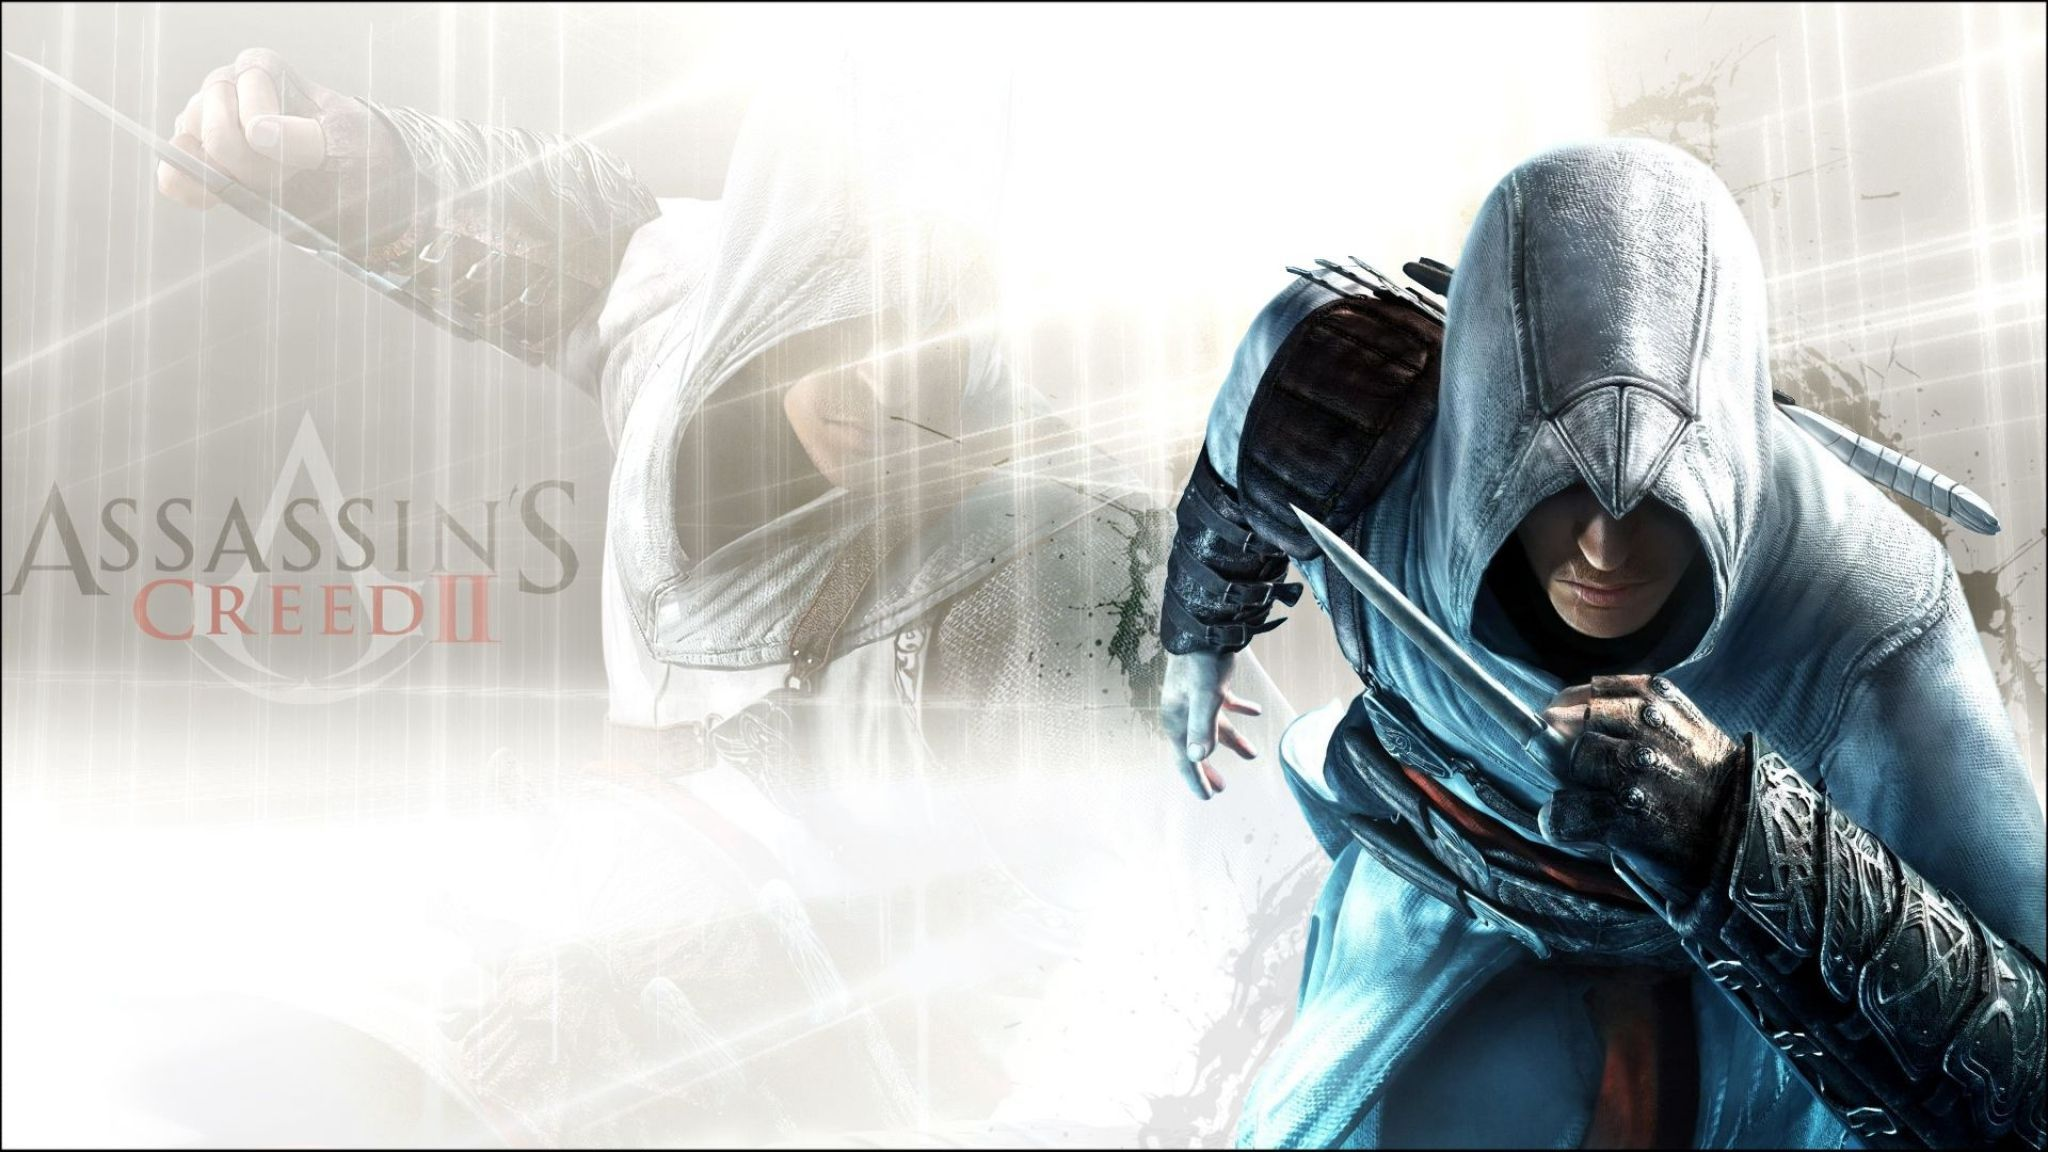 Download Wallpaper 2048x1152 Assassins creed, Assassins symbol ...